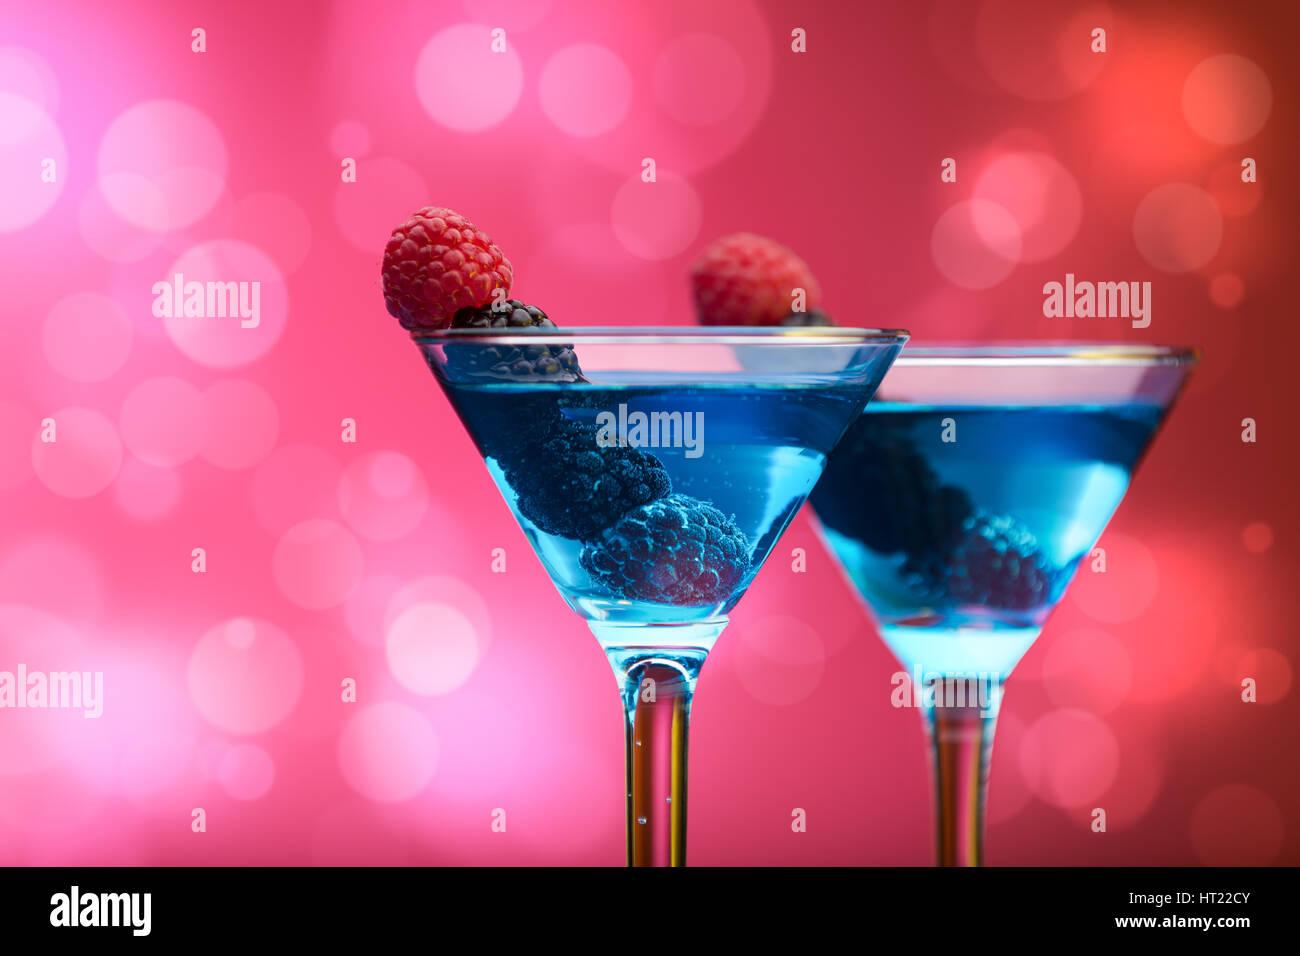 Bunte Cocktails, garniert mit Beeren, Hintergrund mit Lichteffekten Stockfoto